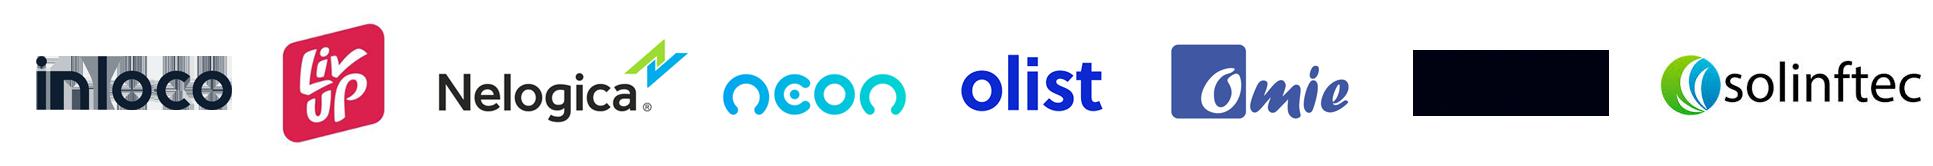 logos-acelerados